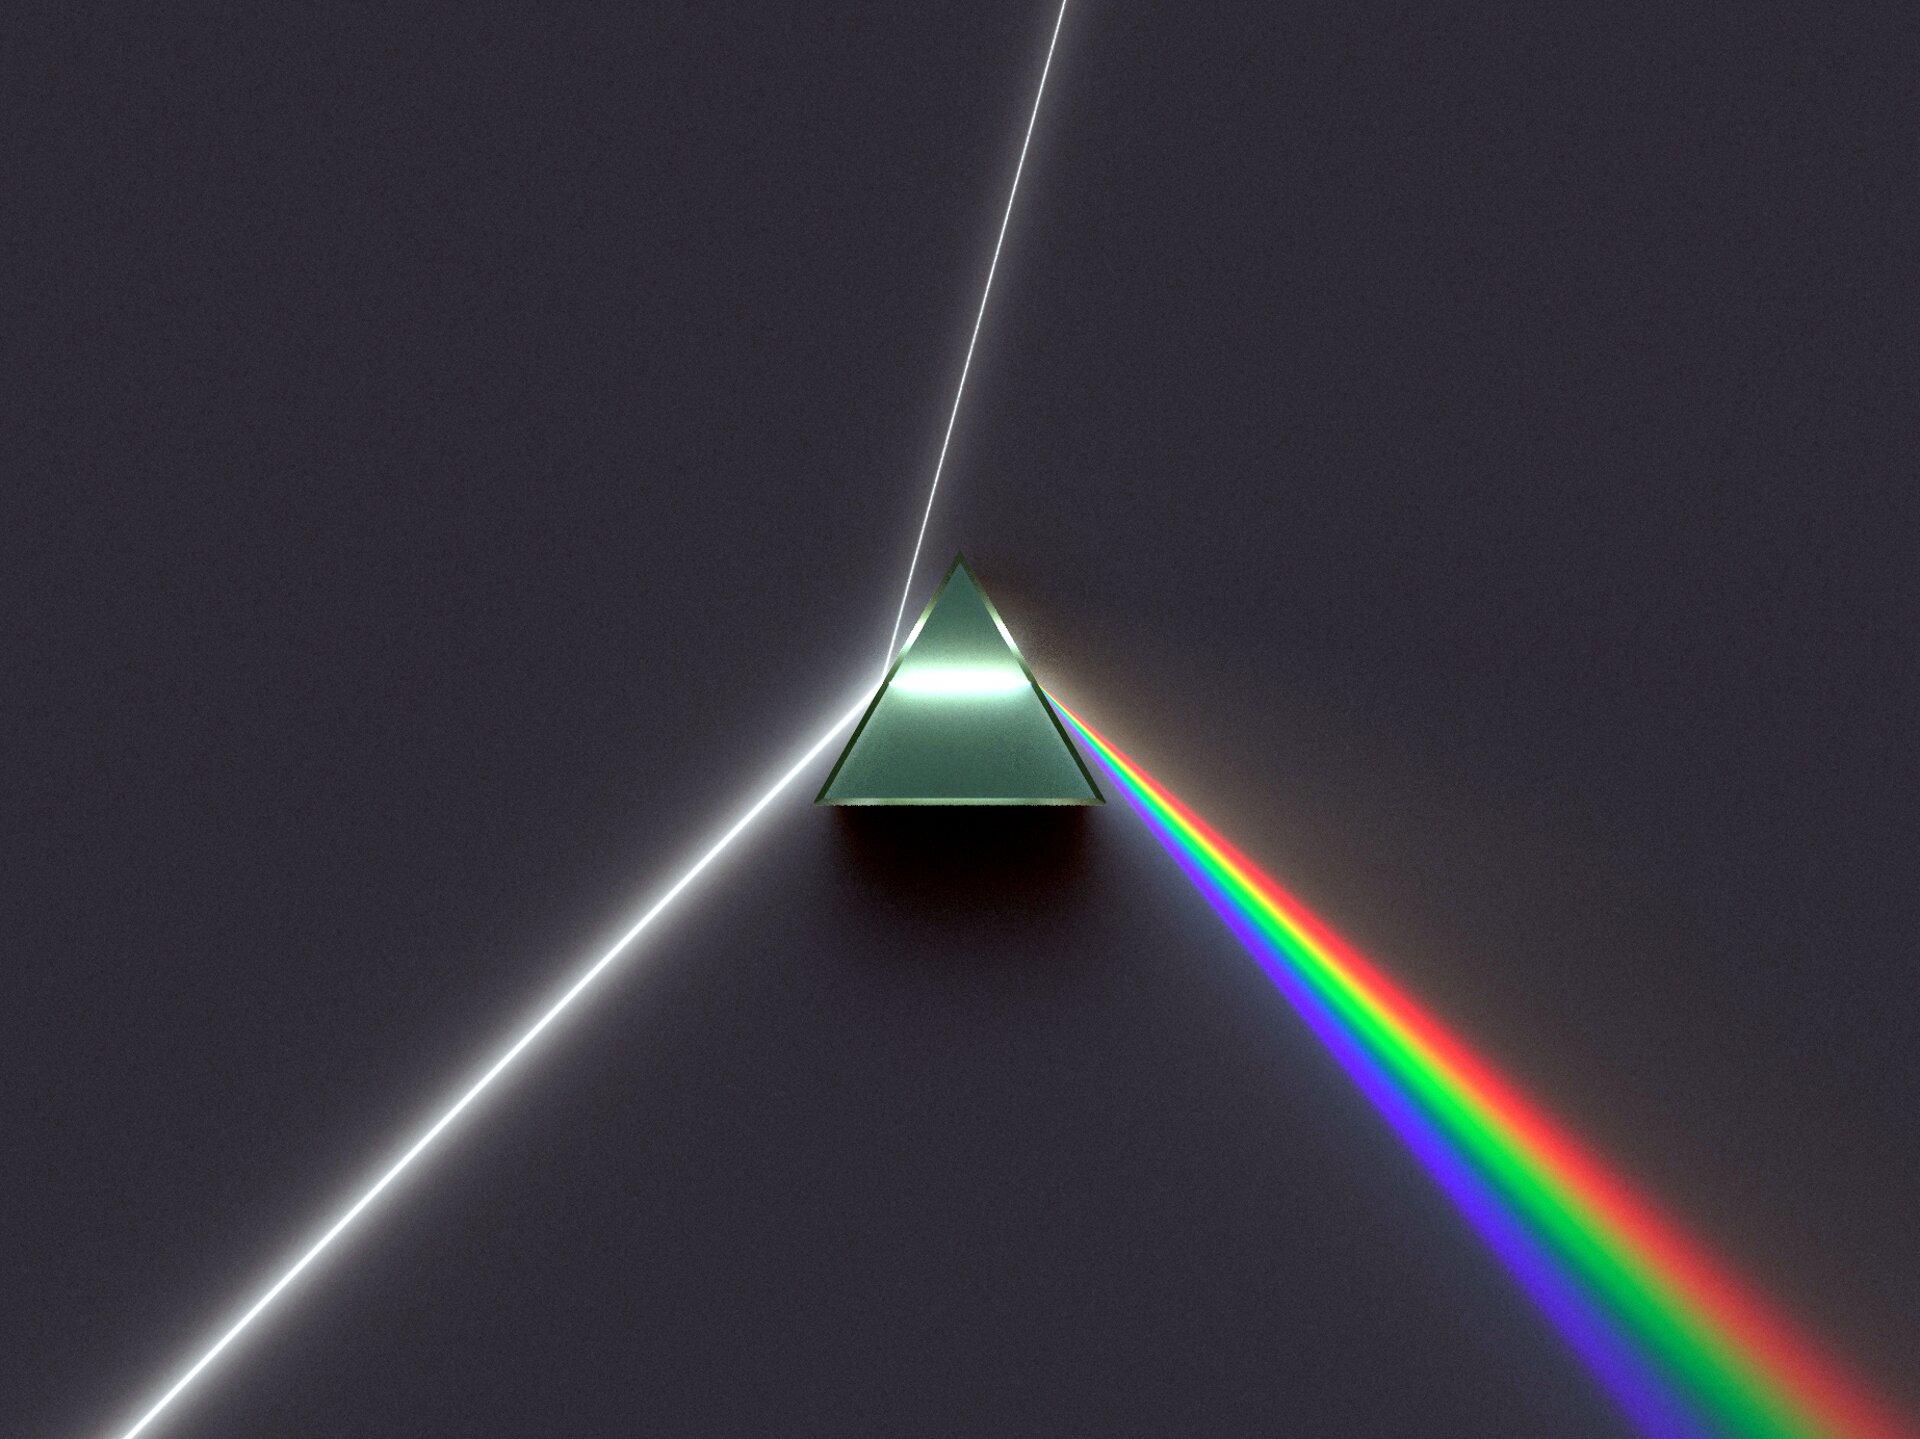 Zdjęcie pryzmatu zefektem rozszczepienia światła